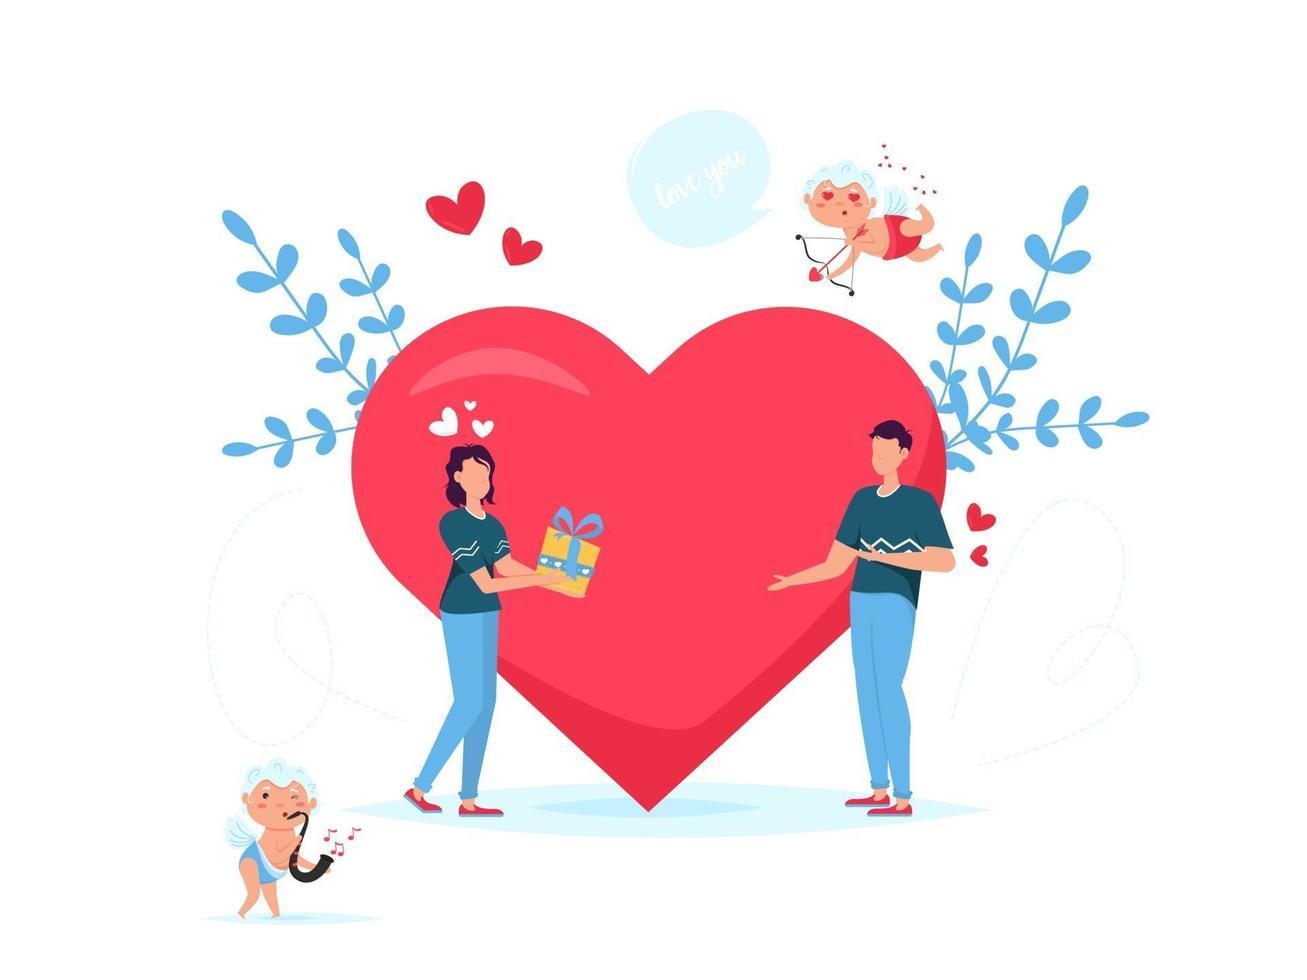 Alla hjärtans dag romantiska koncept dejting presentkort. älskare förhållande två personer. par ger presentask. vektor